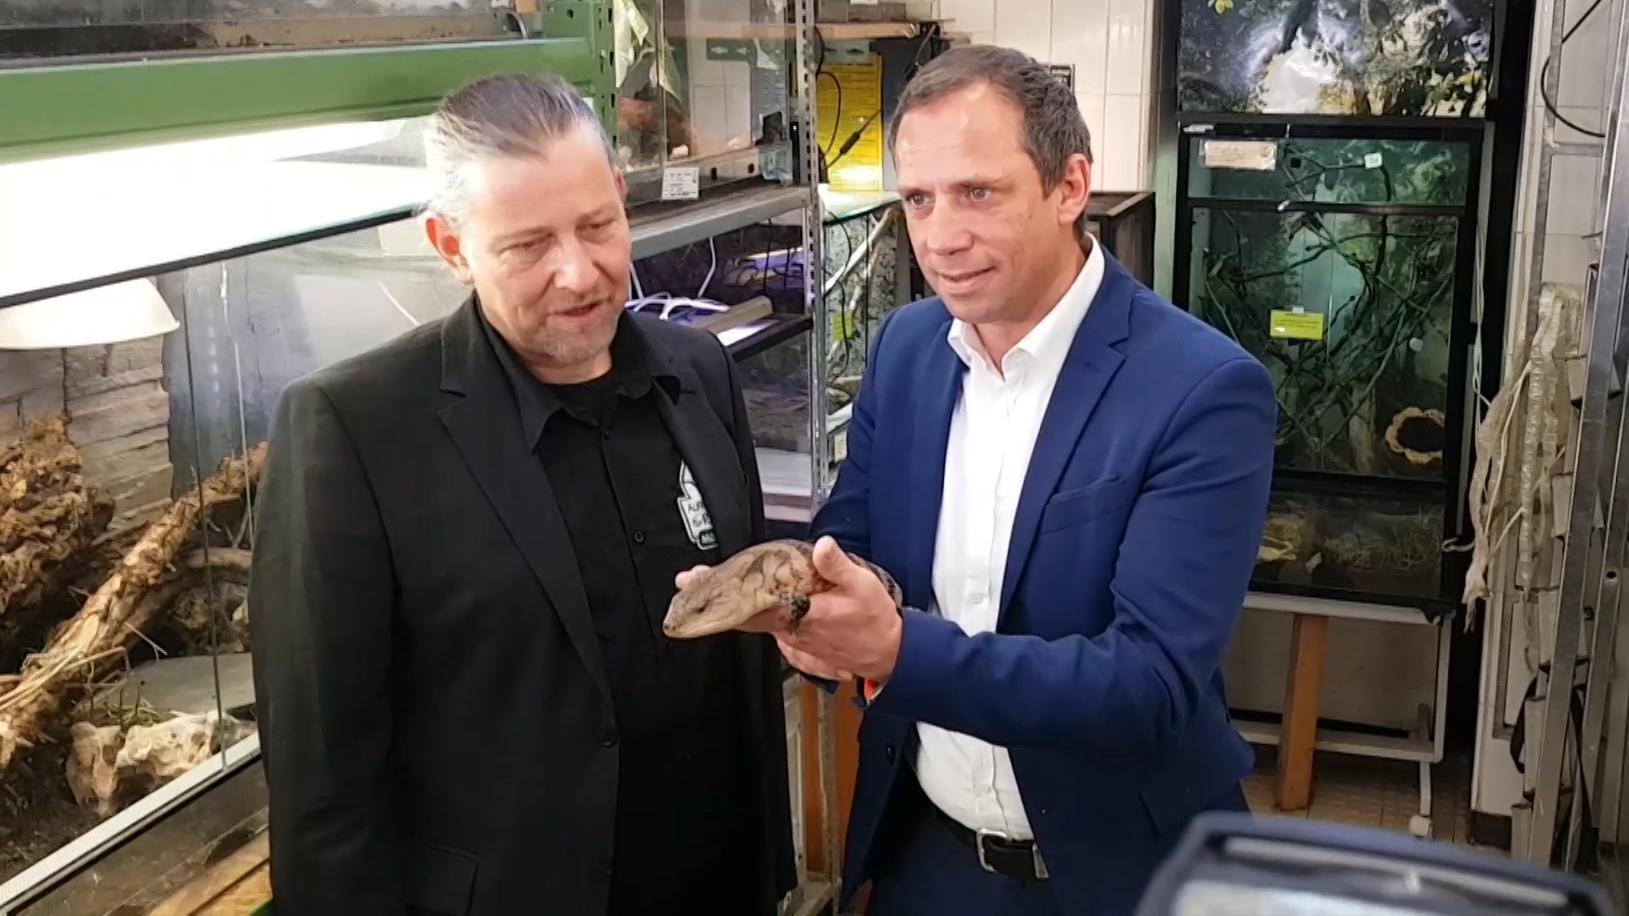 Umweltminister Thorsten Glauber (FW) in der Münchner Reptilienauffangstation